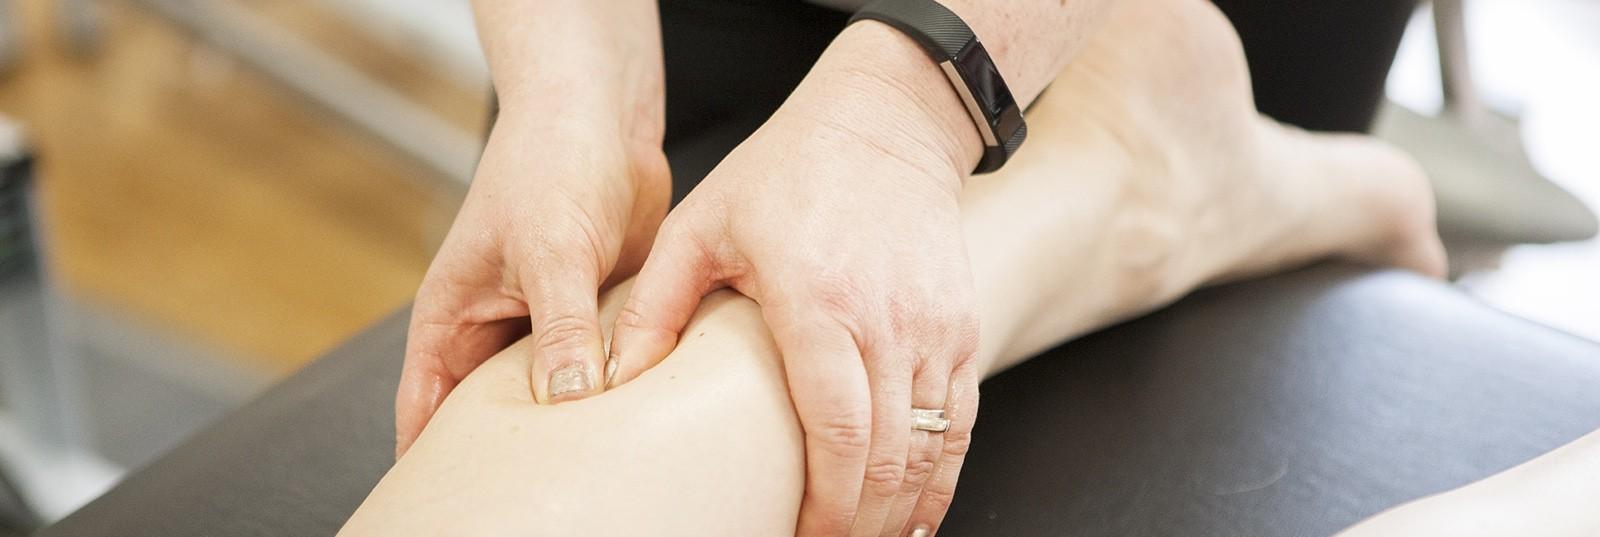 Massage in Maidstone